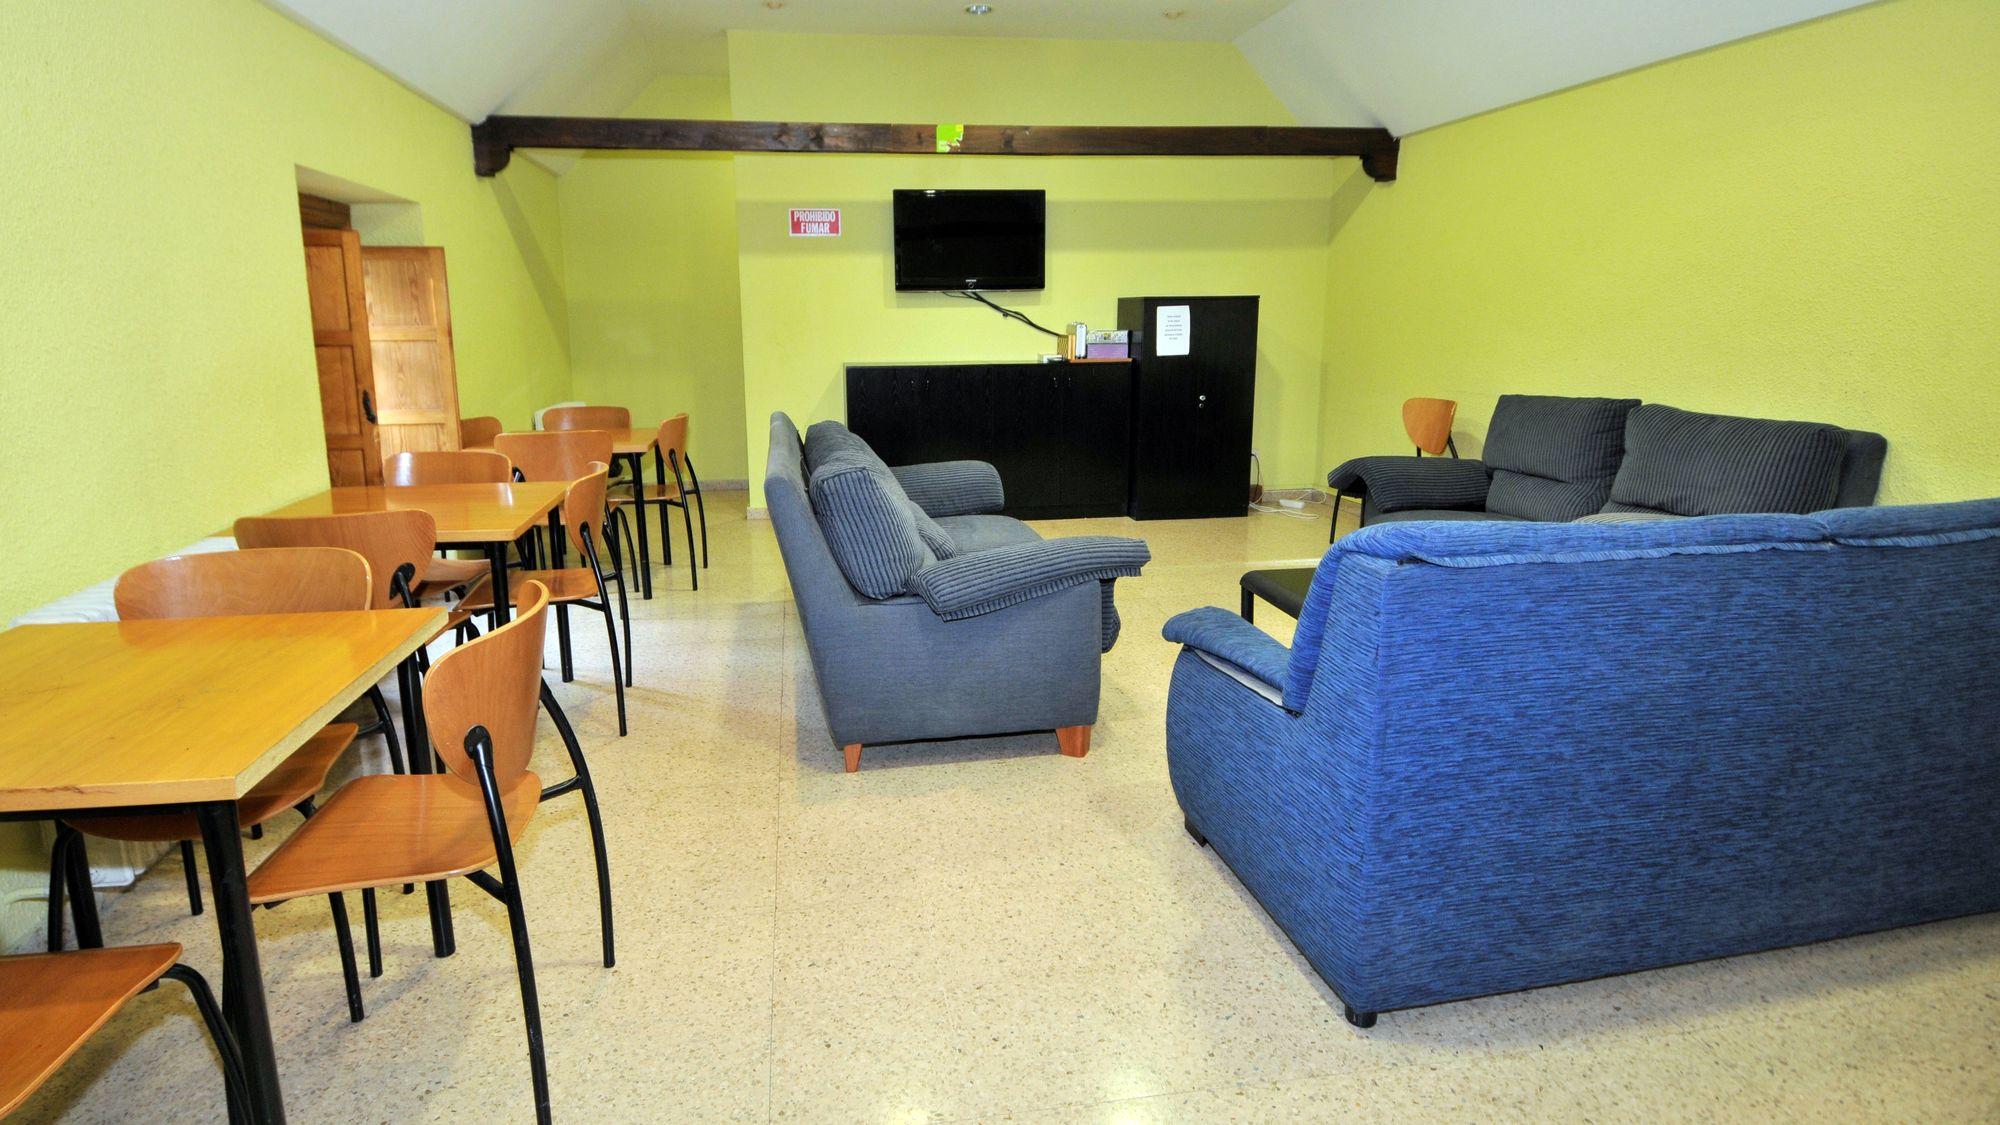 https://funge.uva.es/wp-content/uploads/2020/12/Sala-de-TV-y-juegos-Residencia-Duques-de-Soria-Universidad-de-Valladolid.jpg